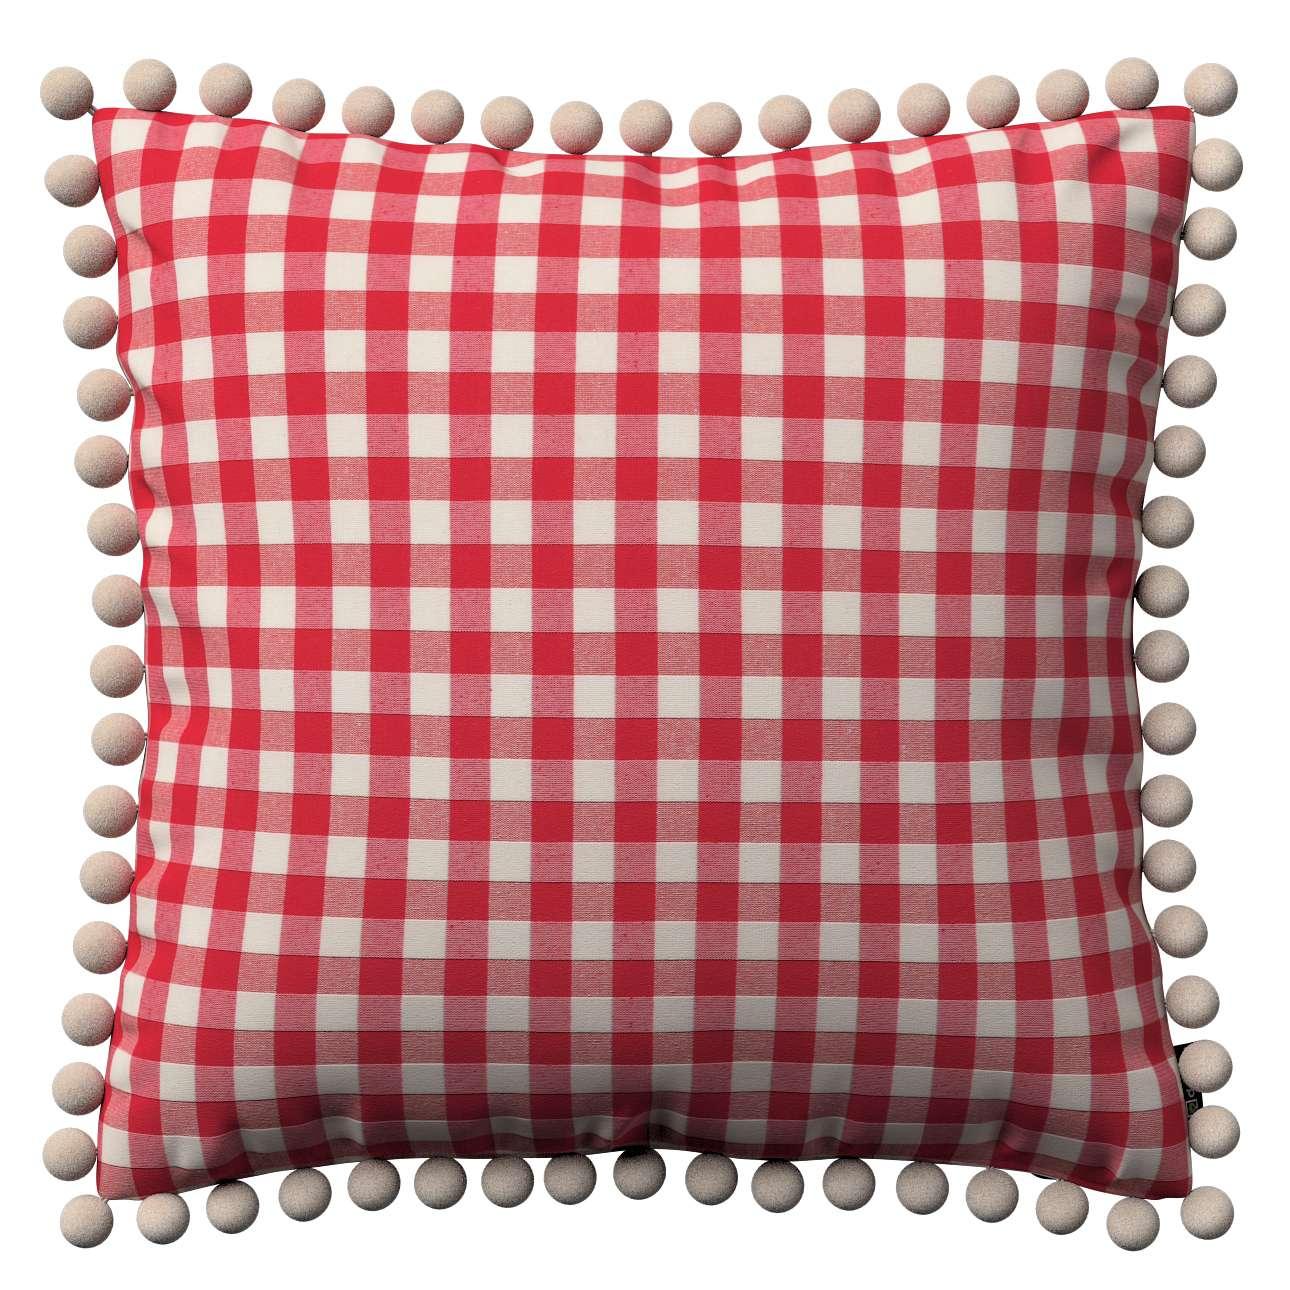 Wera dekoratyvinės pagalvėlės su žaismingais kraštais 45 x 45 cm kolekcijoje Quadro, audinys: 136-16